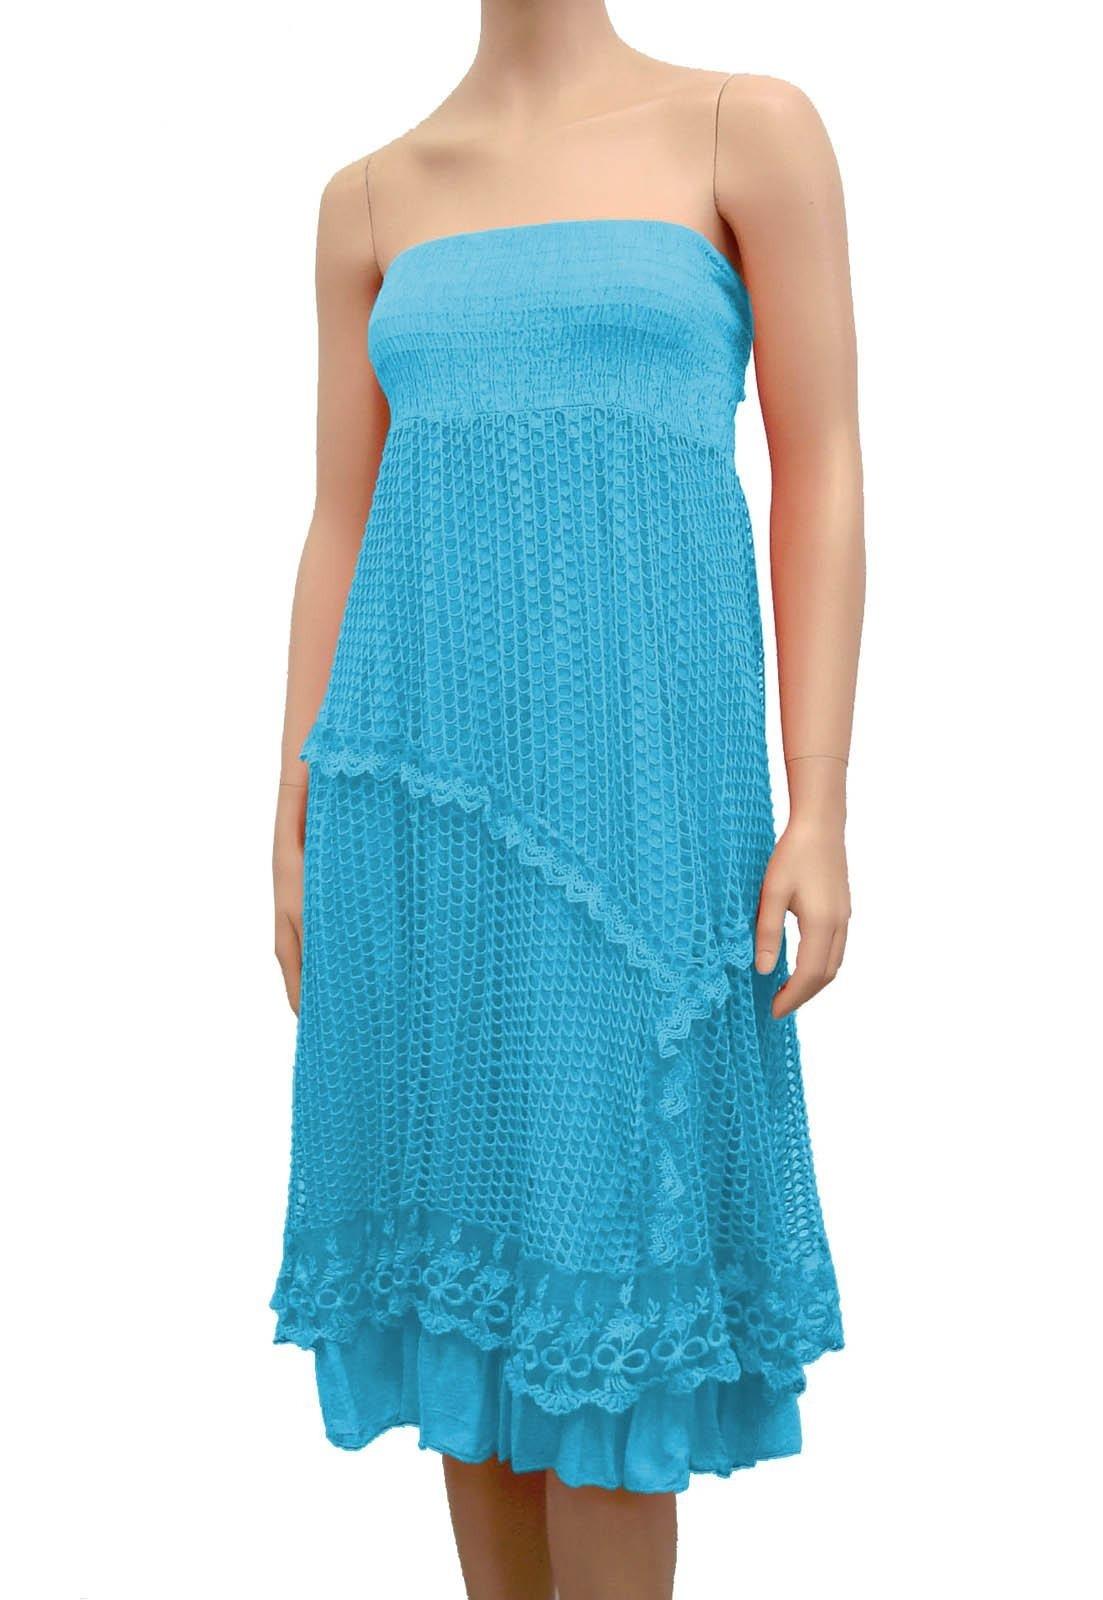 13 Ausgezeichnet Kleid Türkis Spitze ÄrmelFormal Coolste Kleid Türkis Spitze für 2019